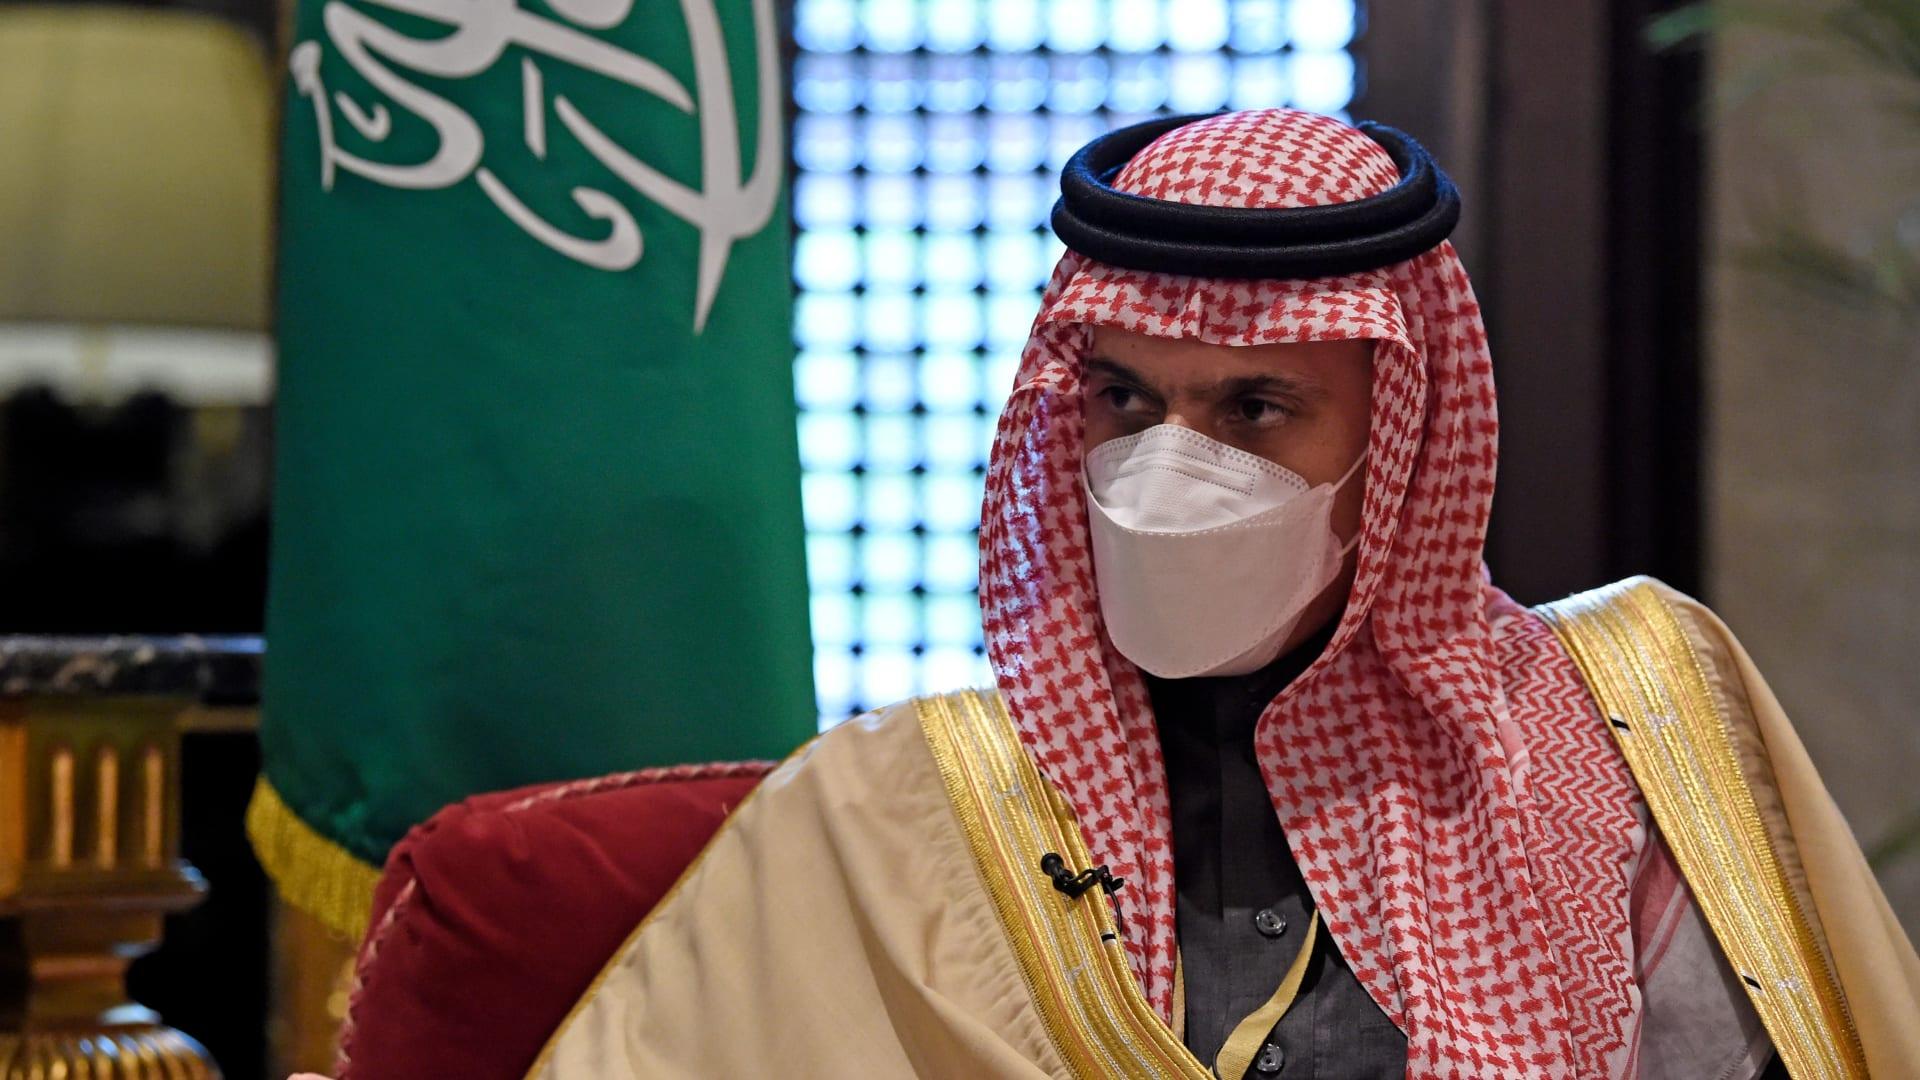 وزير الخارجية السعودي: نأمل بإعادة افتتاح سفارتنا في قطر خلال أيام